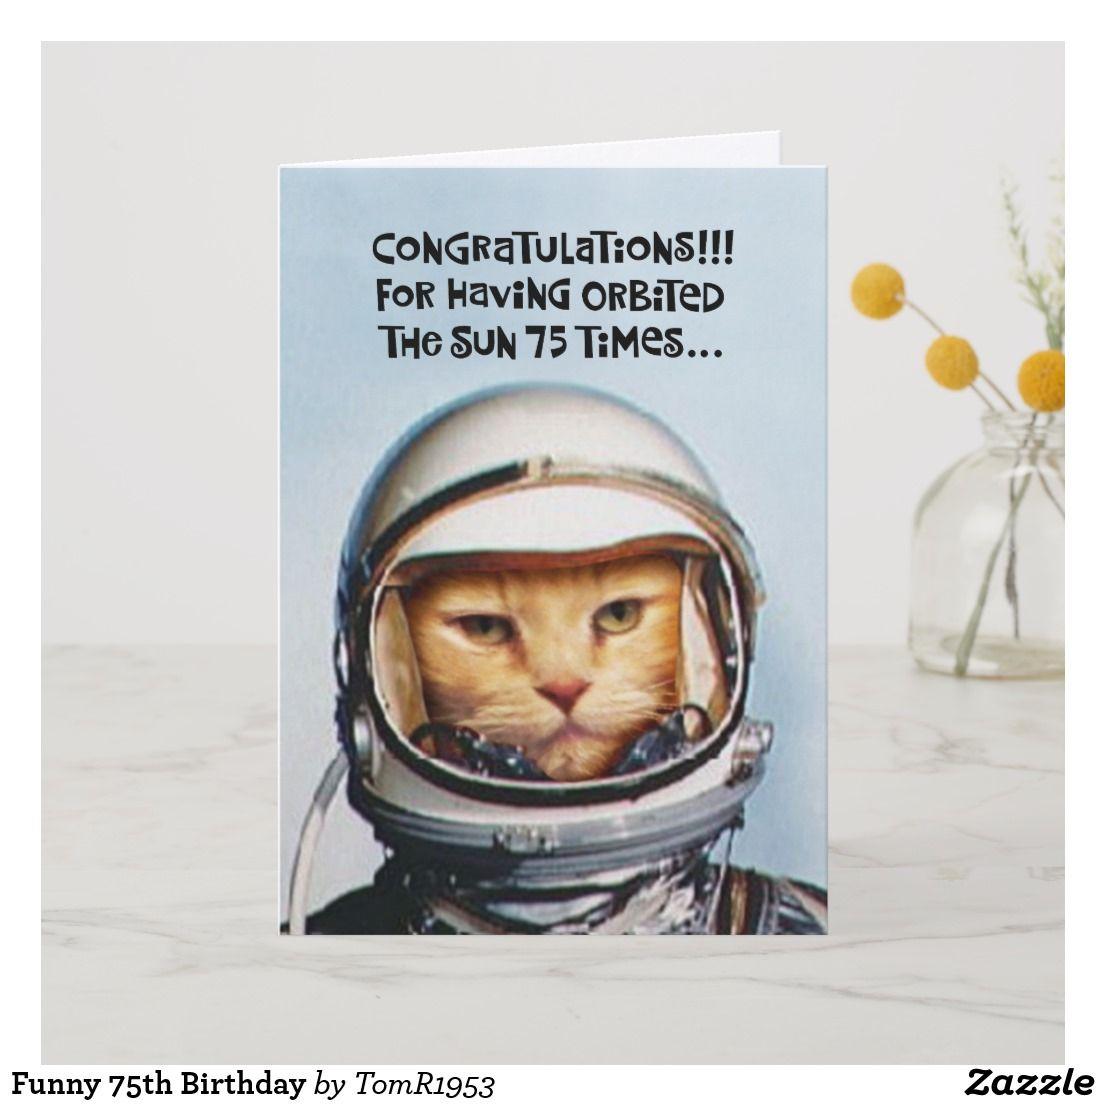 Funny 75th Birthday Card